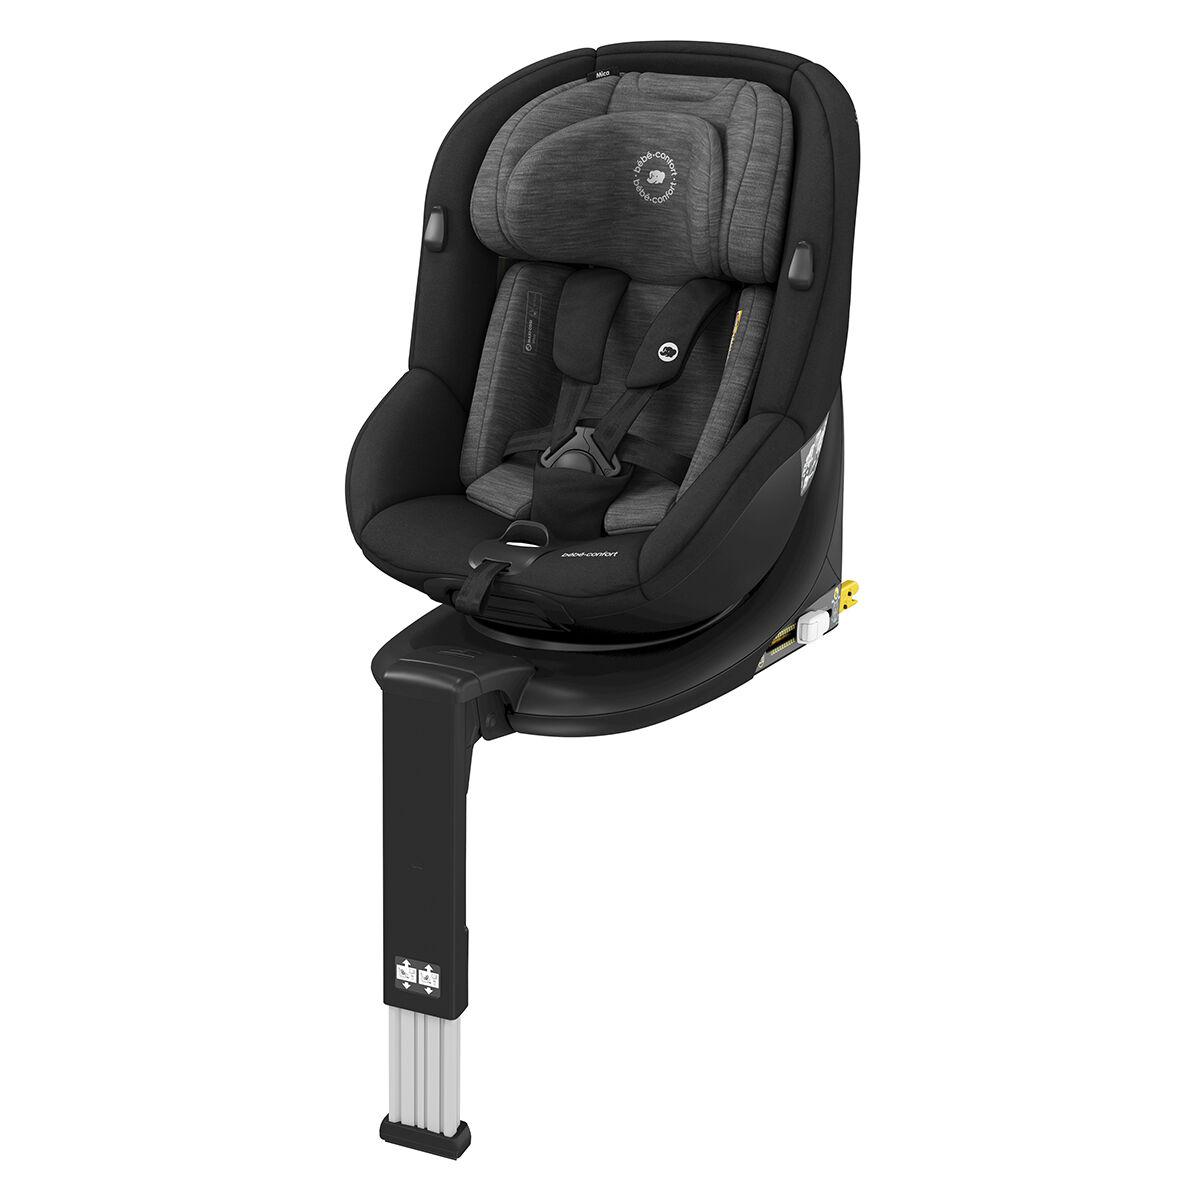 Bébé Confort Siège Auto Mica i-Size Groupe 0+/1 - Authentic Black